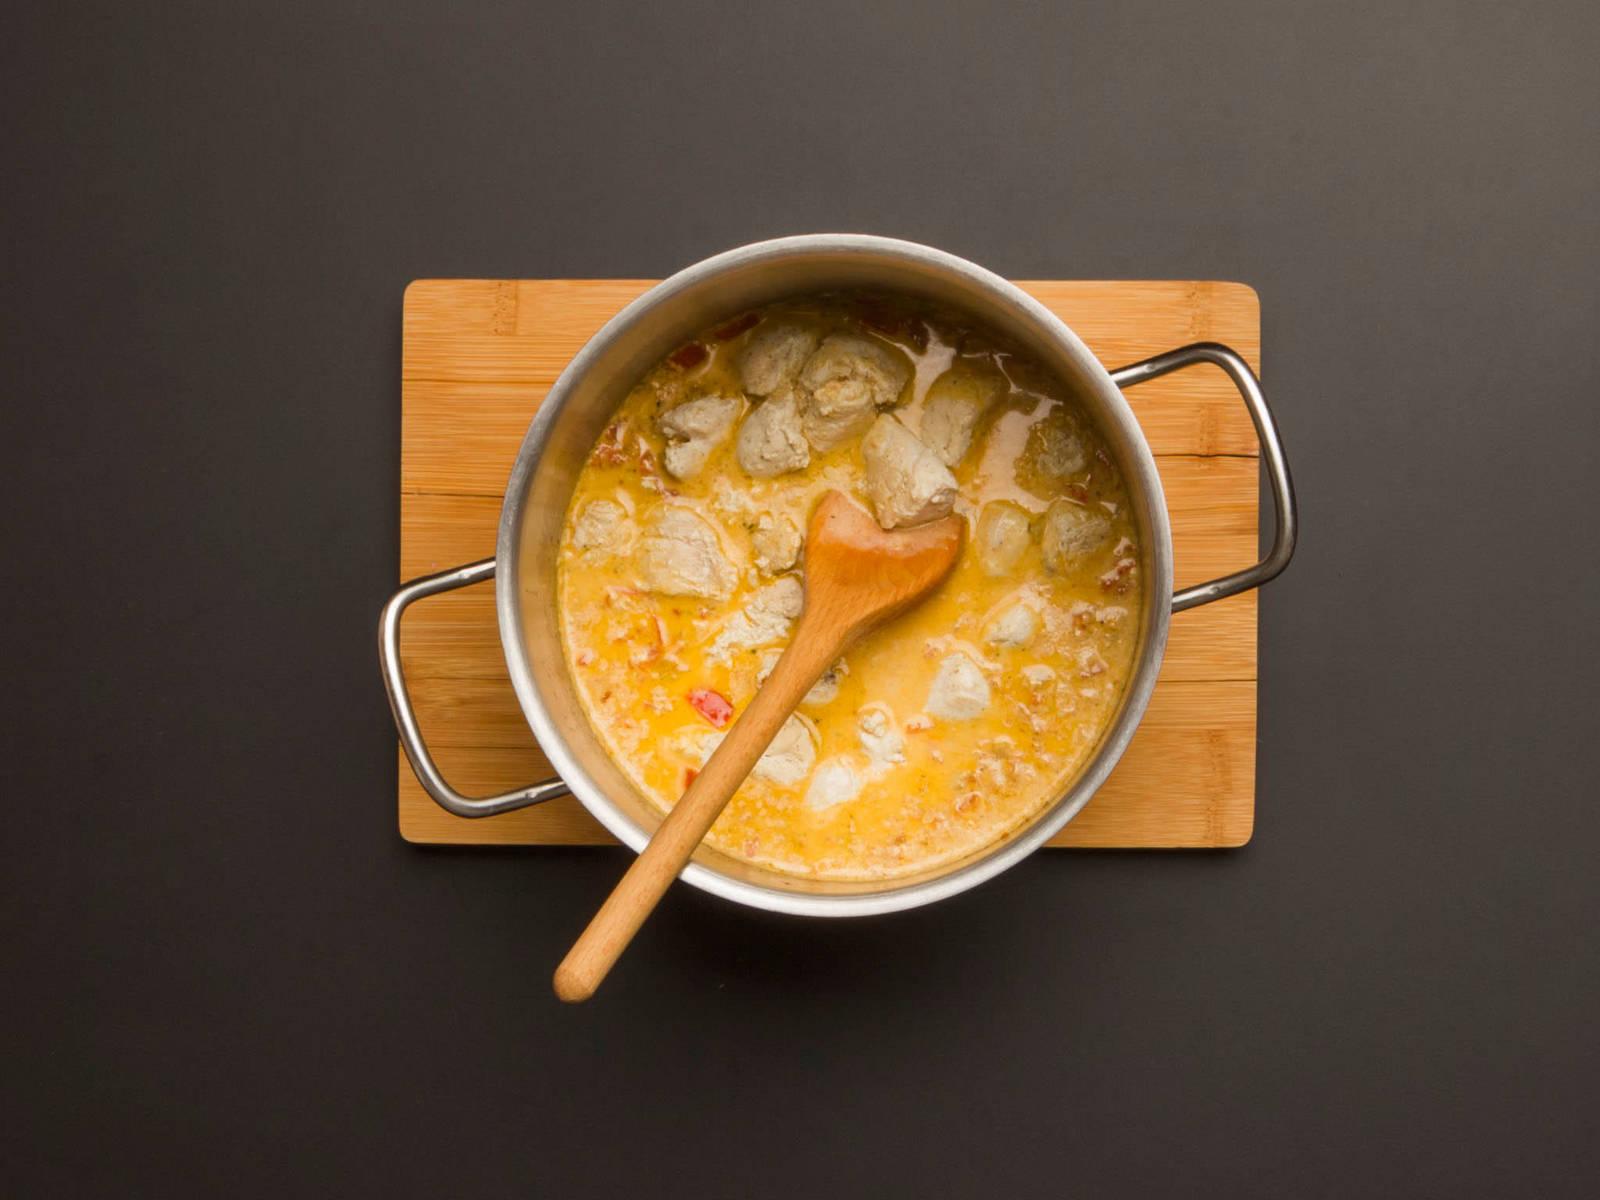 Gebackenes Hähnchen in die Pfanne geben und gut vermengen. Reis auf einer Servierplatte anrichten, Zitronen-Hühnchen Tikka Masala obenauf geben und mit Korianderblättern garnieren.